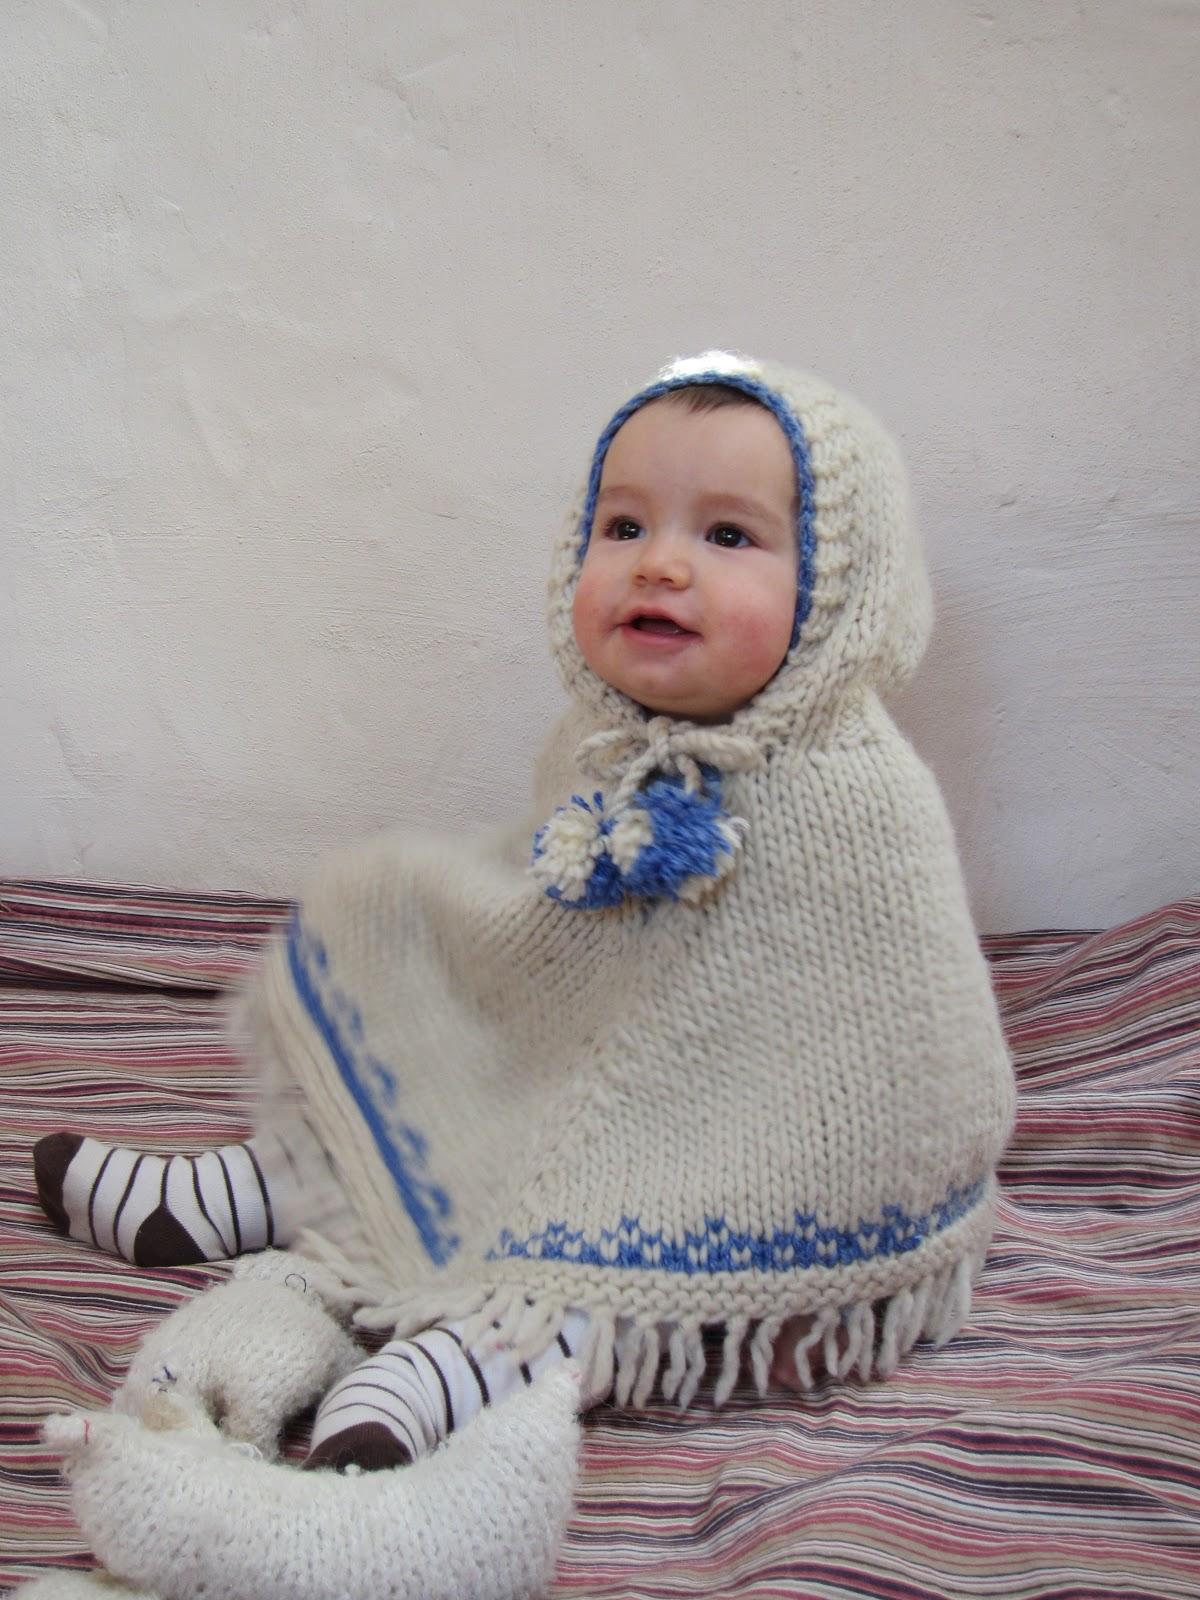 tejidos patagónicos: NIÑOS SUAVEMENTE ABRIGADOS